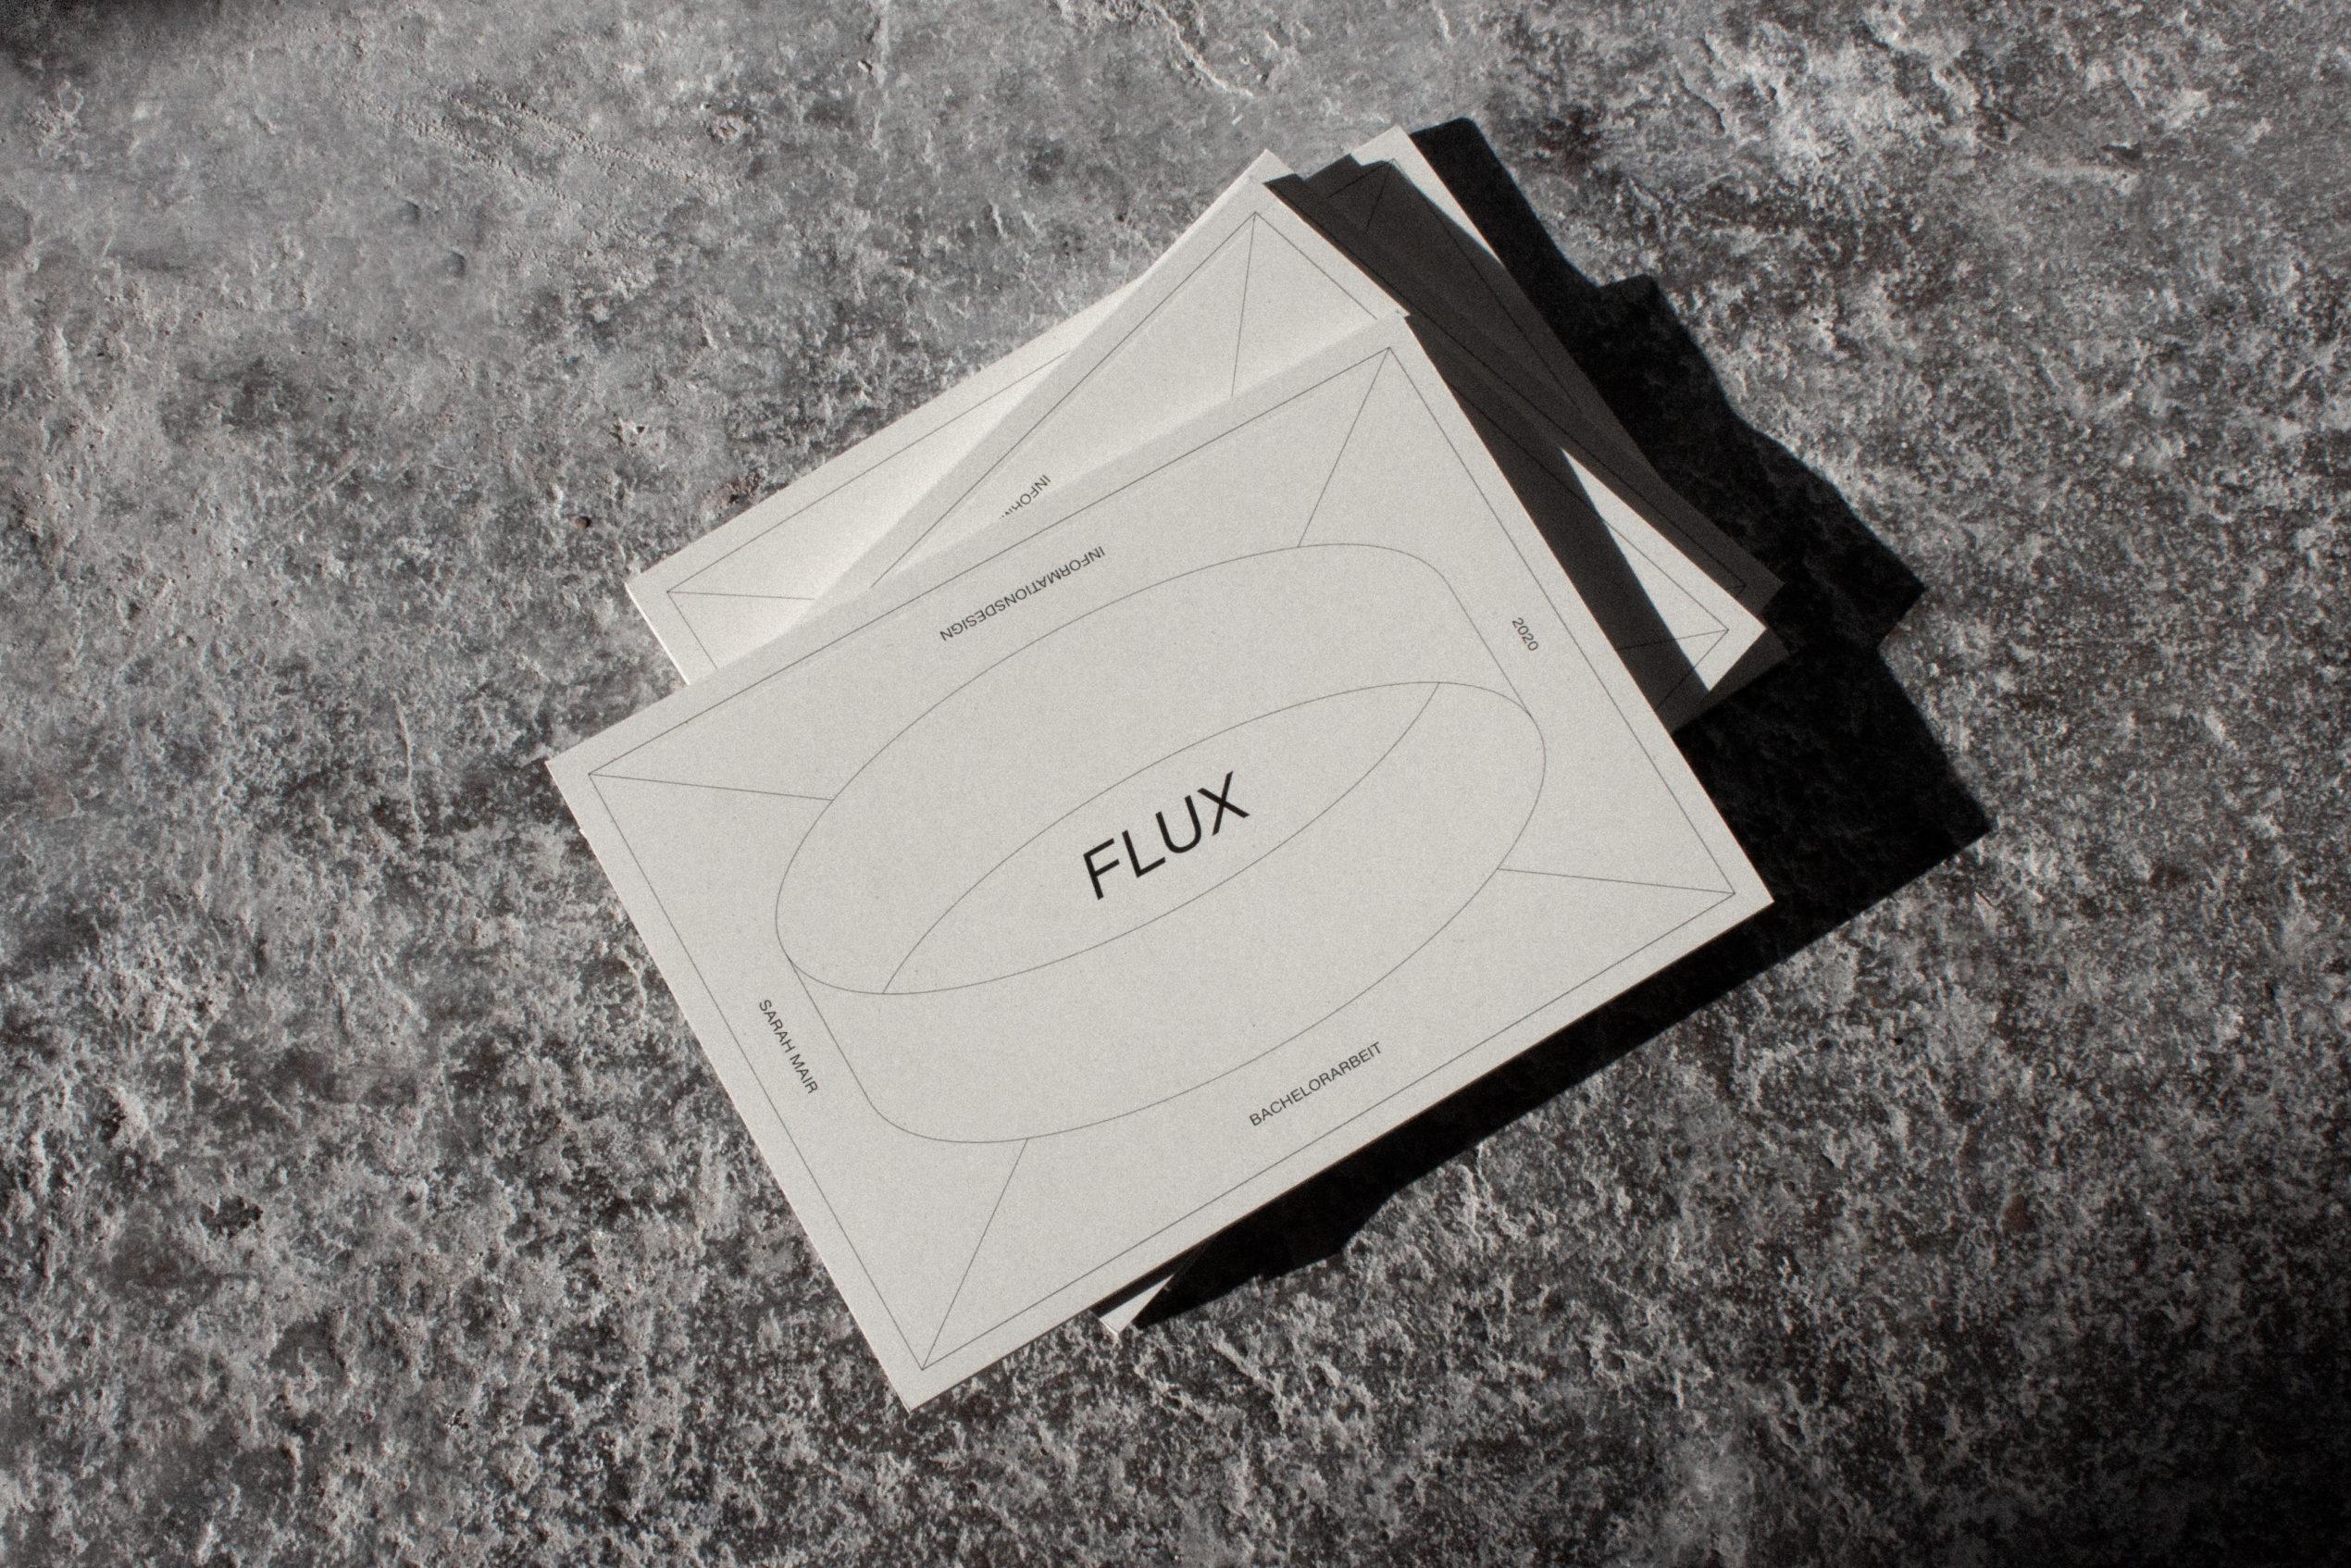 Flux_1